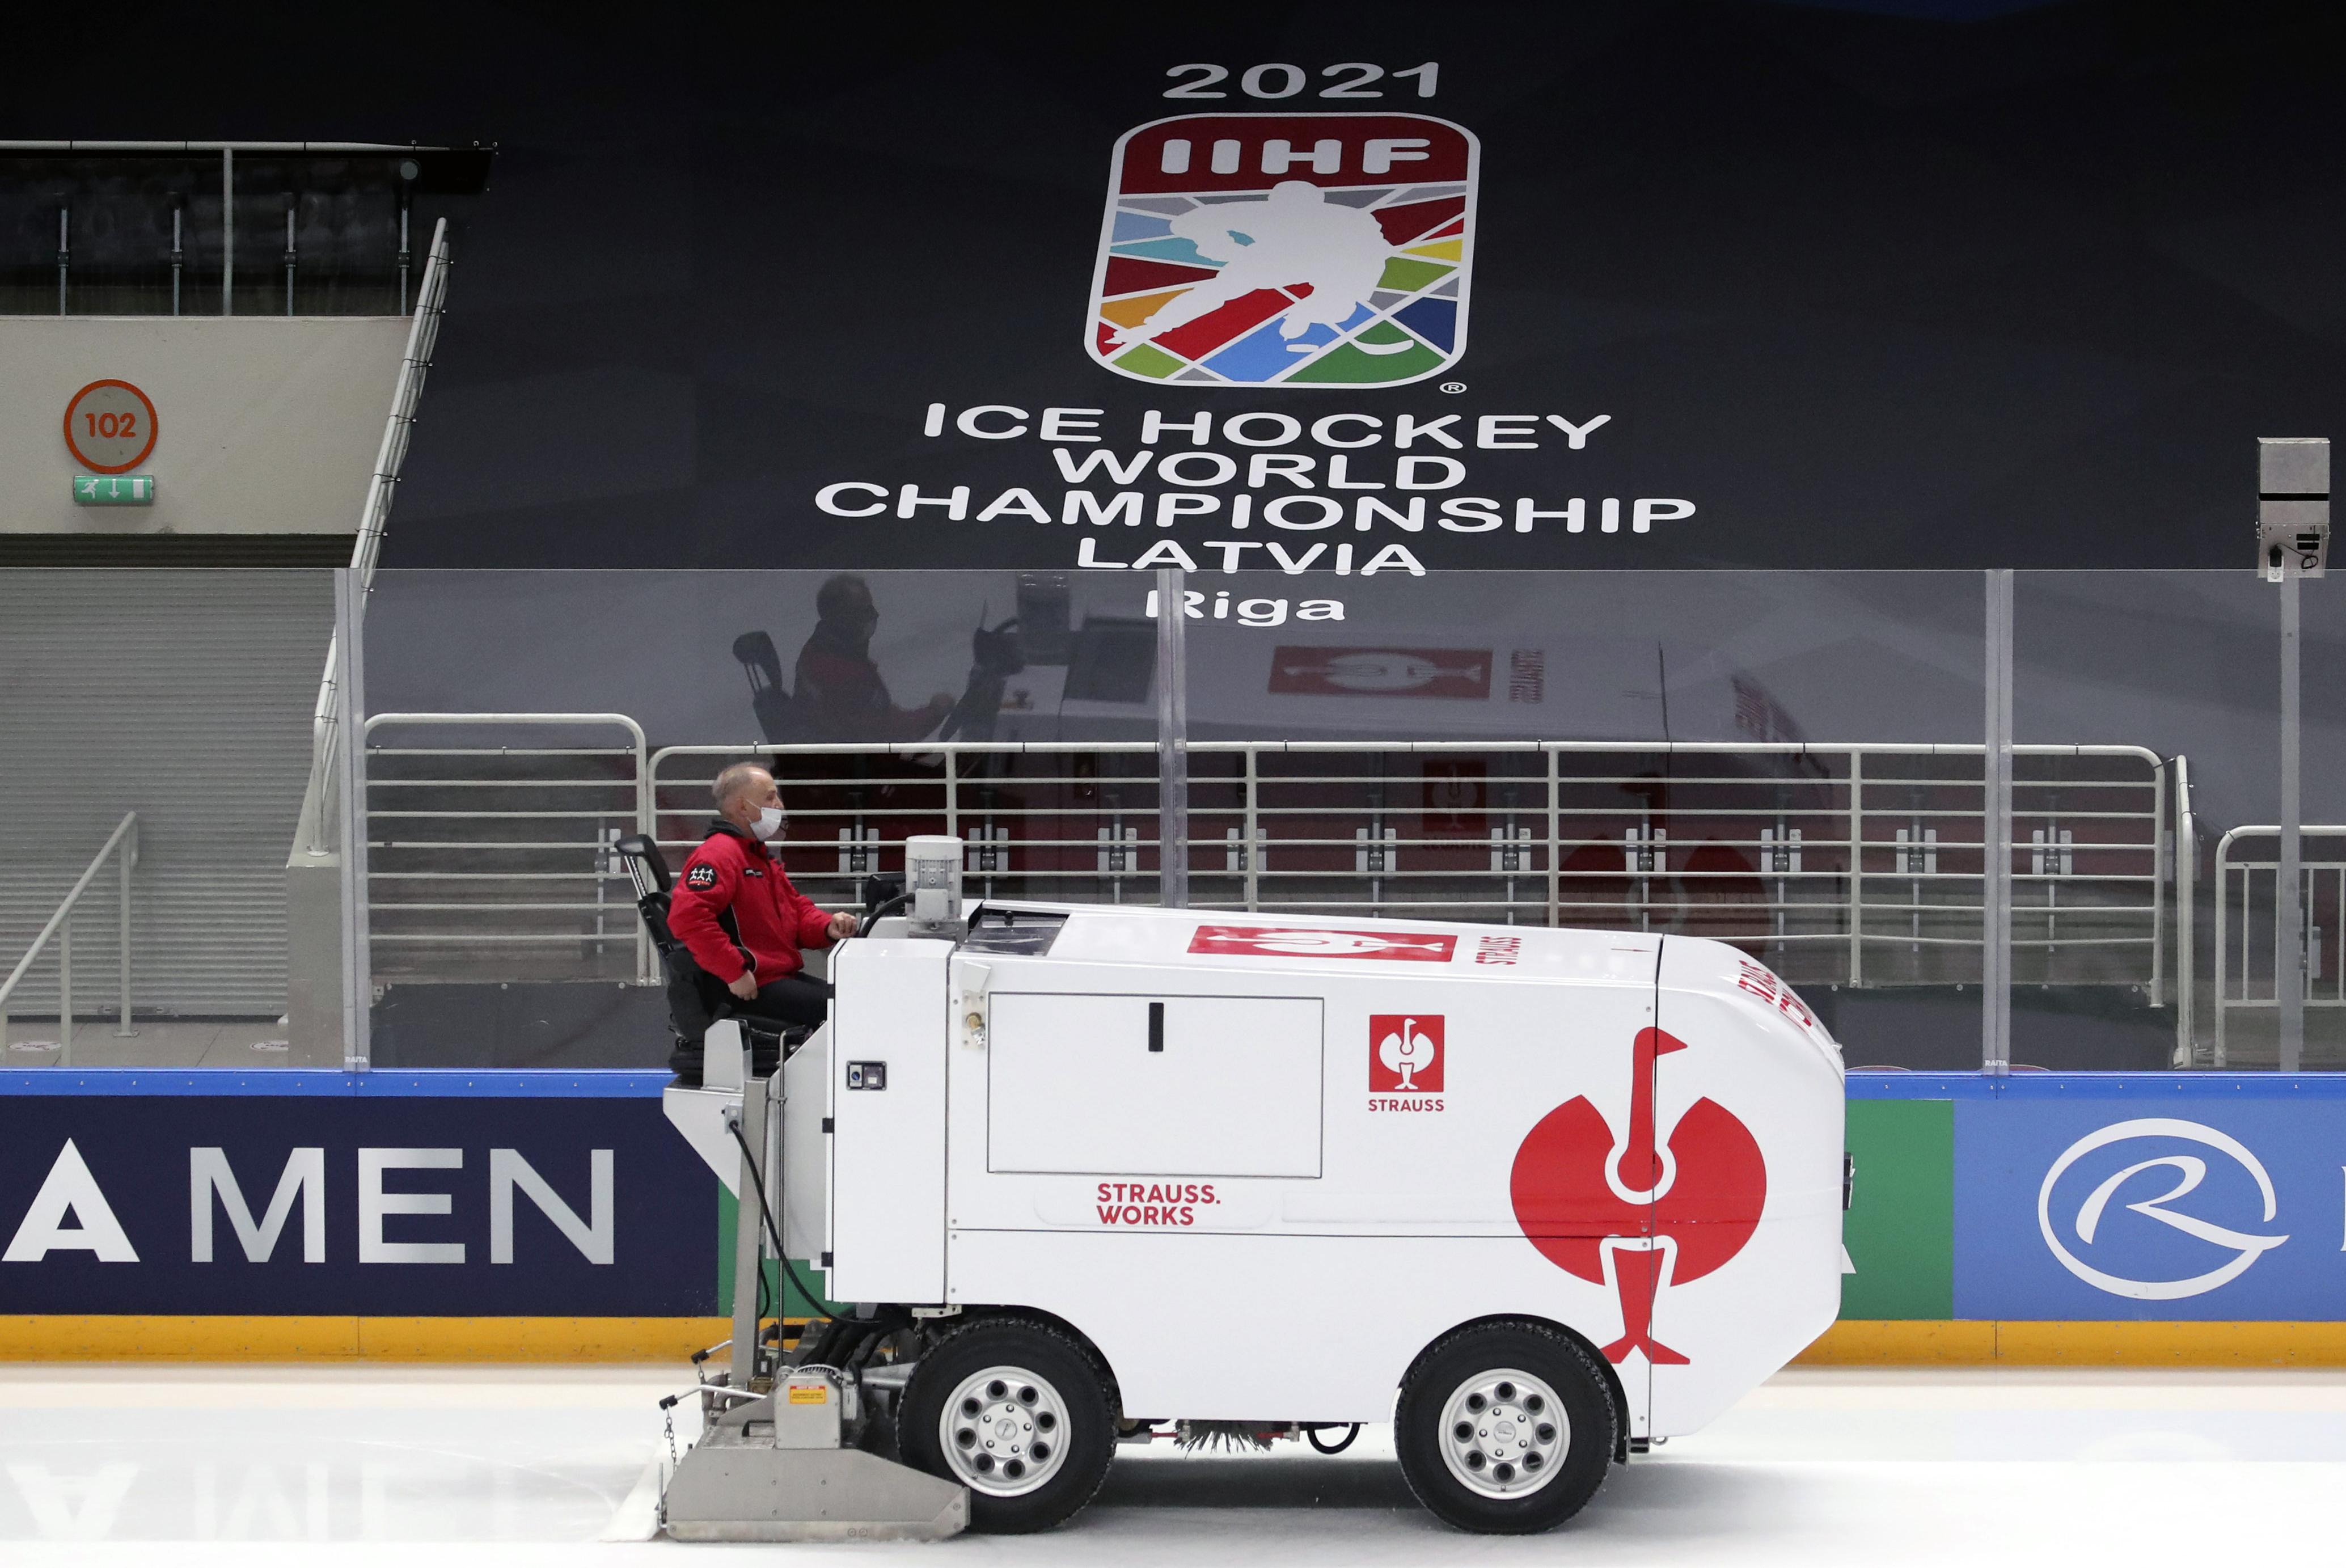 Riga in run-up to 2021 IIHF World Championship